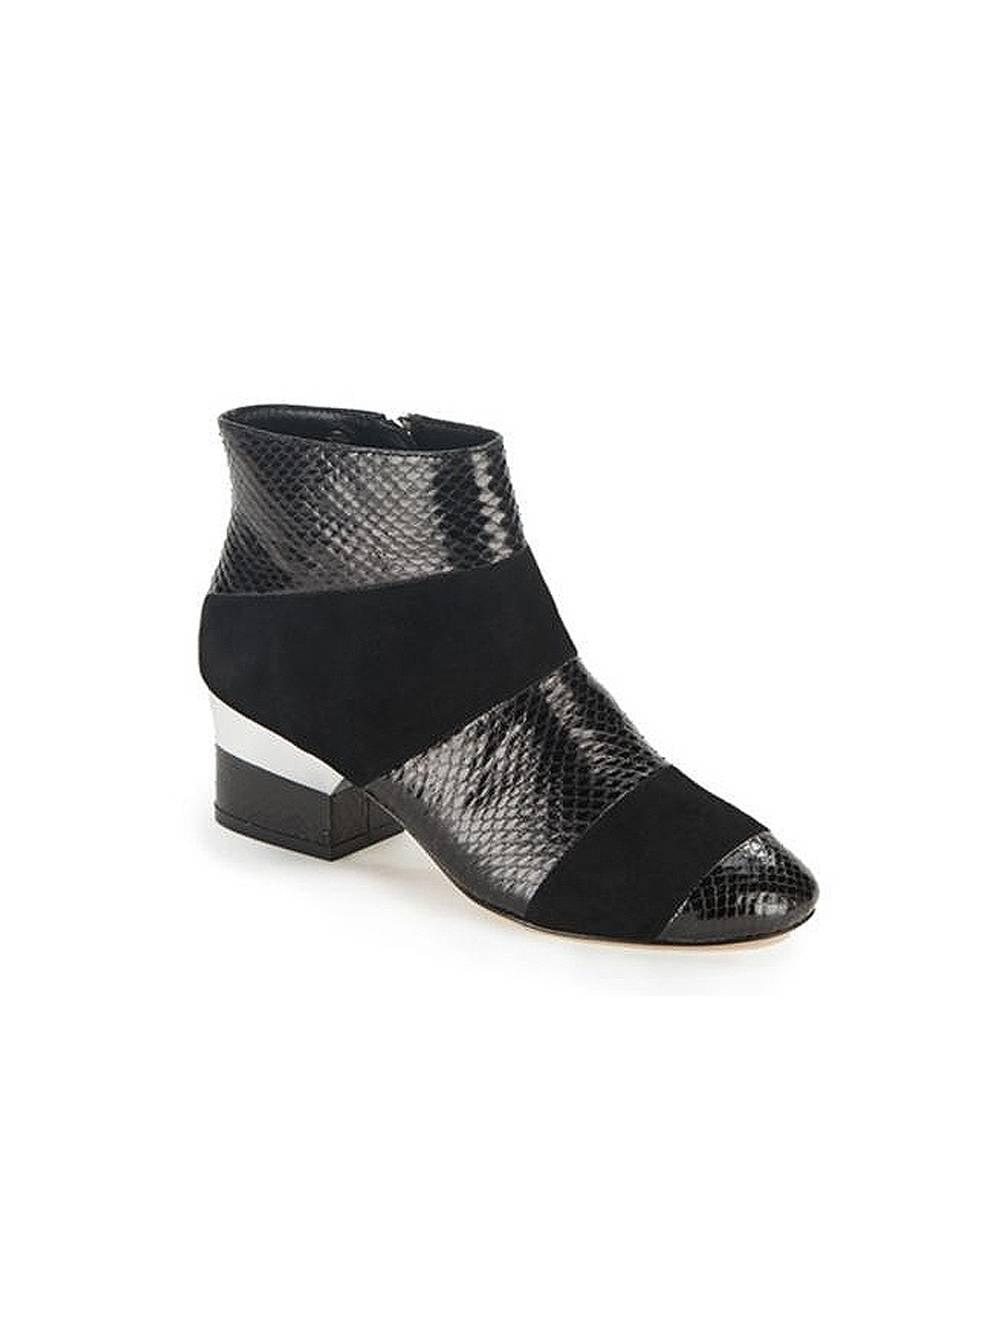 Isa Tapia Women's Hardy S Snakeskin Low Block Heel Ankle Boots